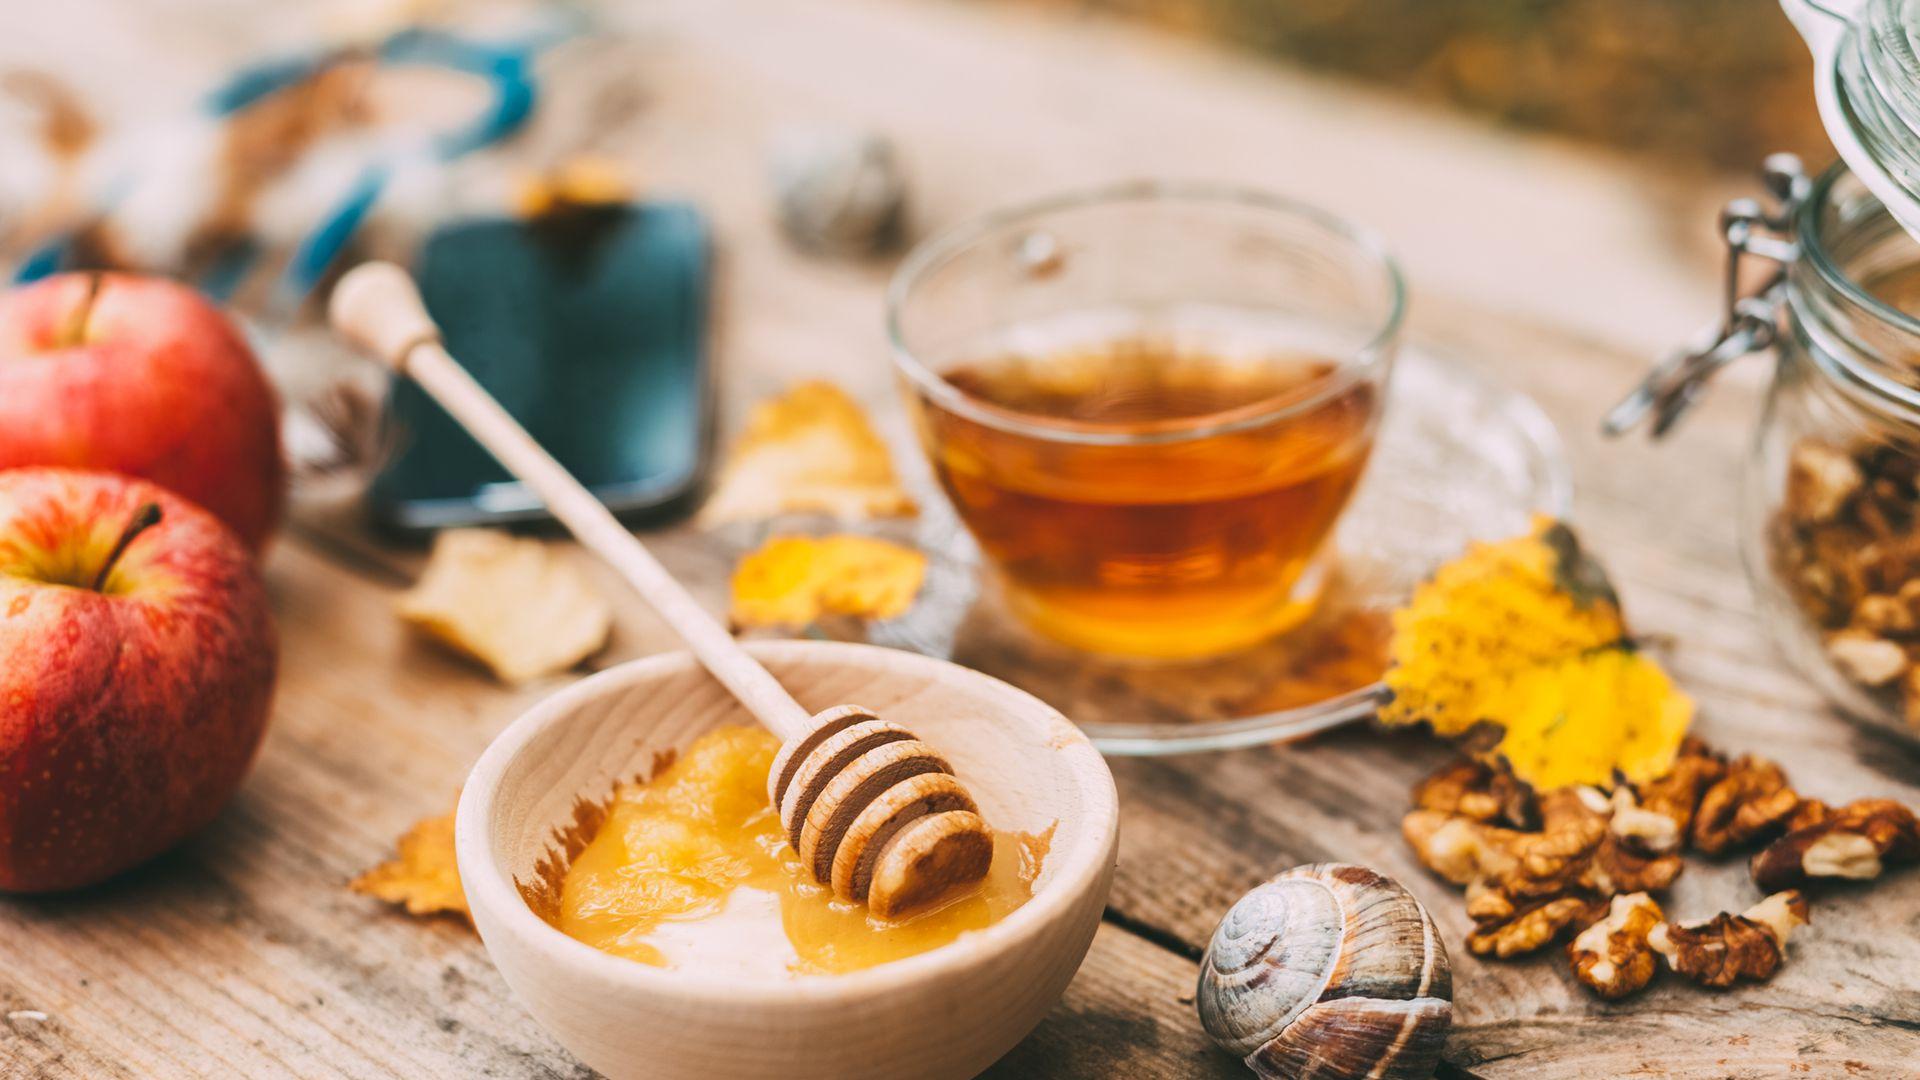 Багато людей вірять, що мед під час нагрівання стає отрутою. Чи це правда, і як мед впливає на здоров'я?